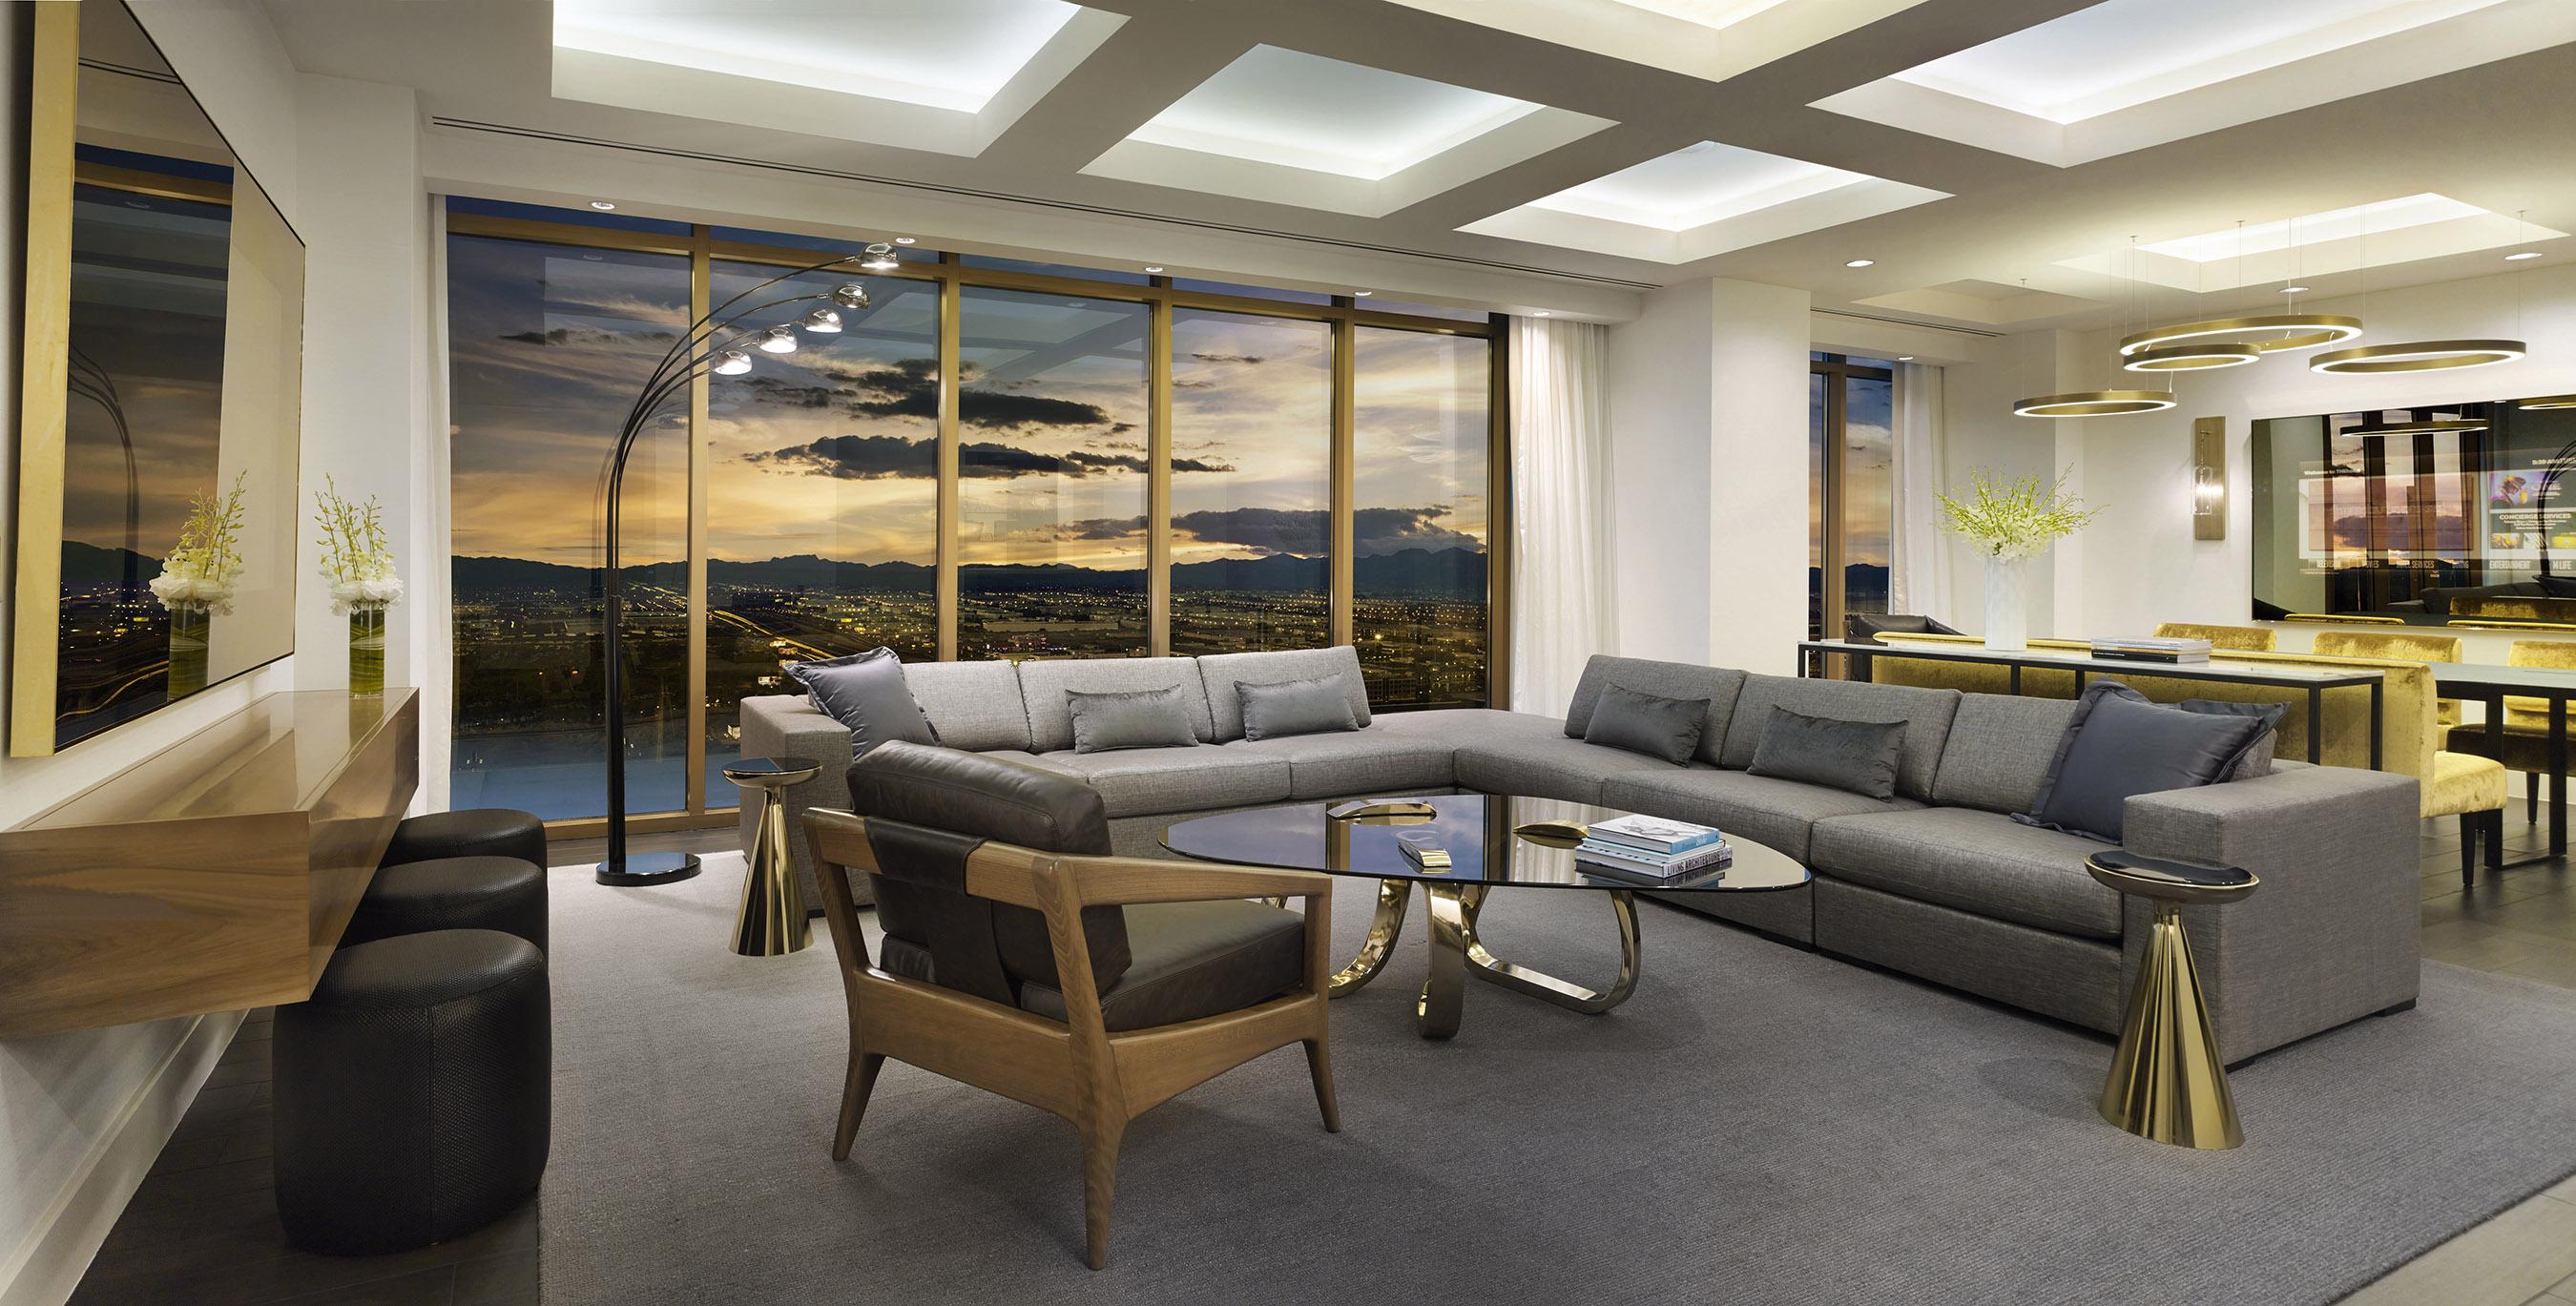 A Suíte De Cobertura Do Delano Las Vegas é Um Retiro De Luxo De 1.642 Pés  Quadrados Com Vistas Espetaculares, Belíssimo Piso De Madeira Escura, ... Part 70